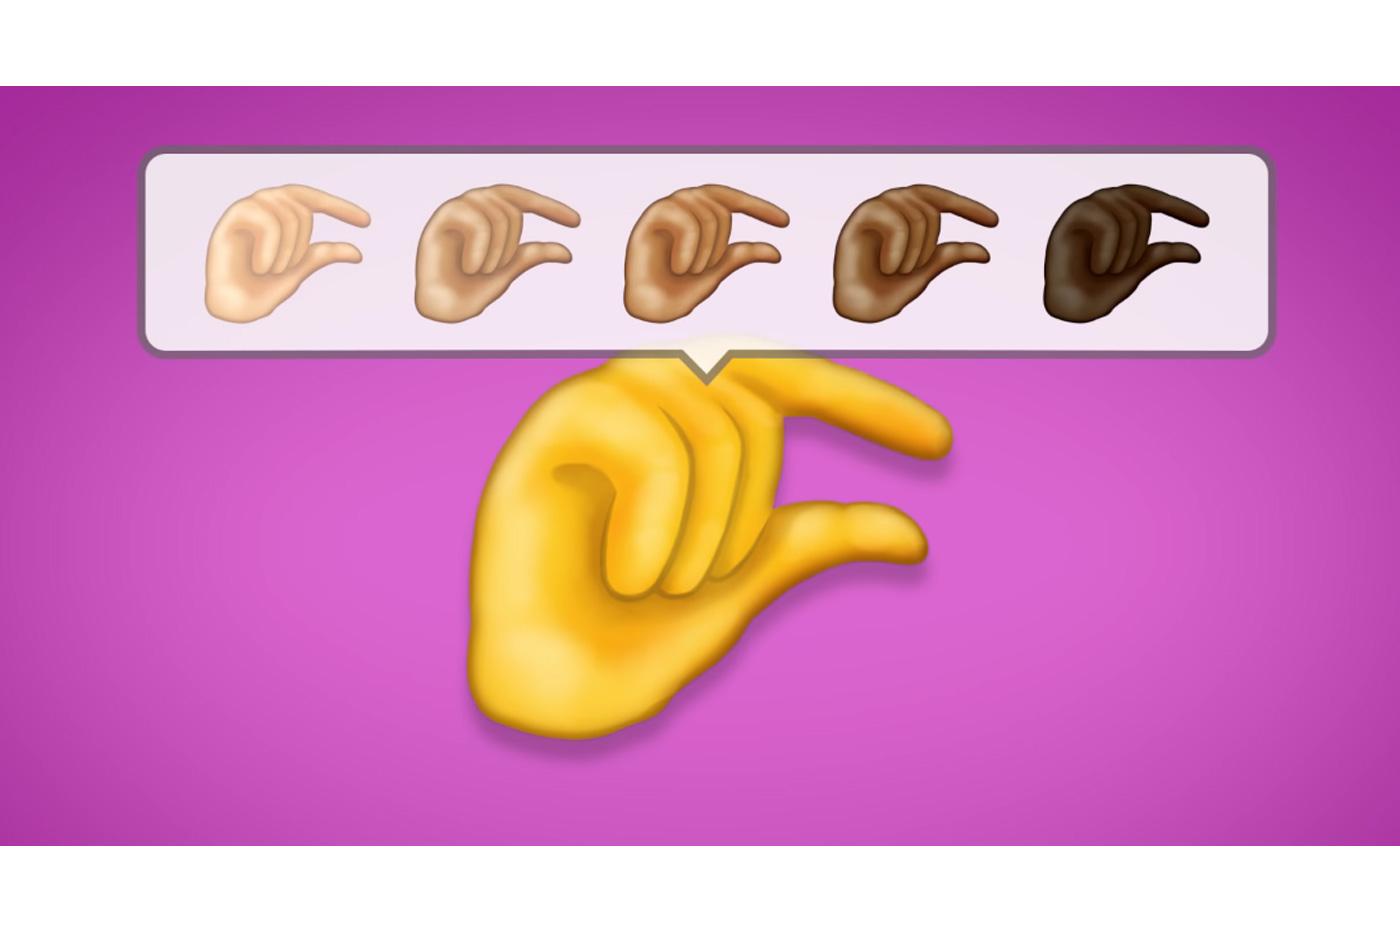 emoji-12-2019